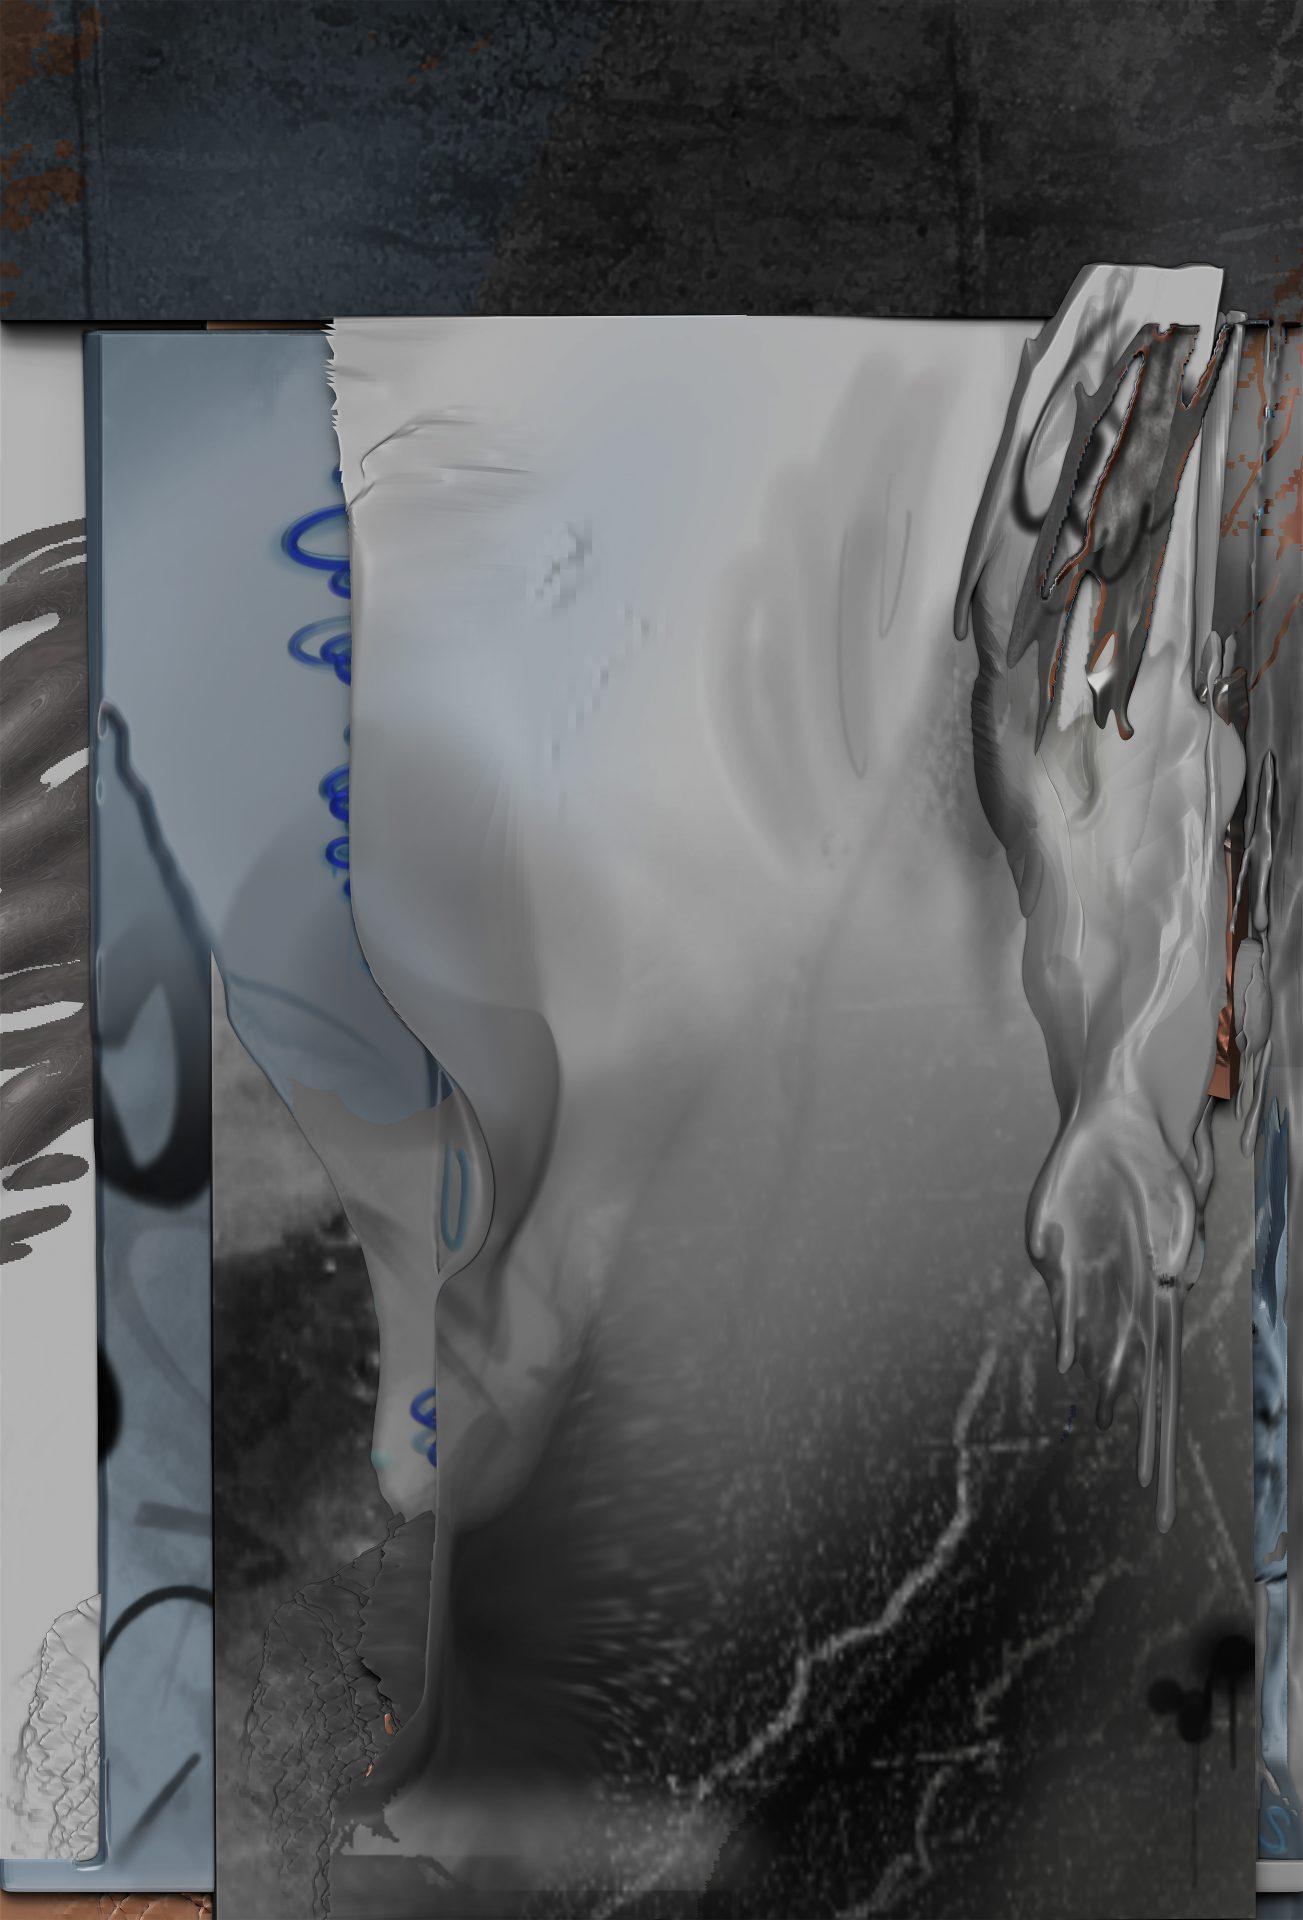 吳權倫 Wu ChuanLun, Debris_Week (Landsberger Allee) Monday, 2020, TBD, TBD